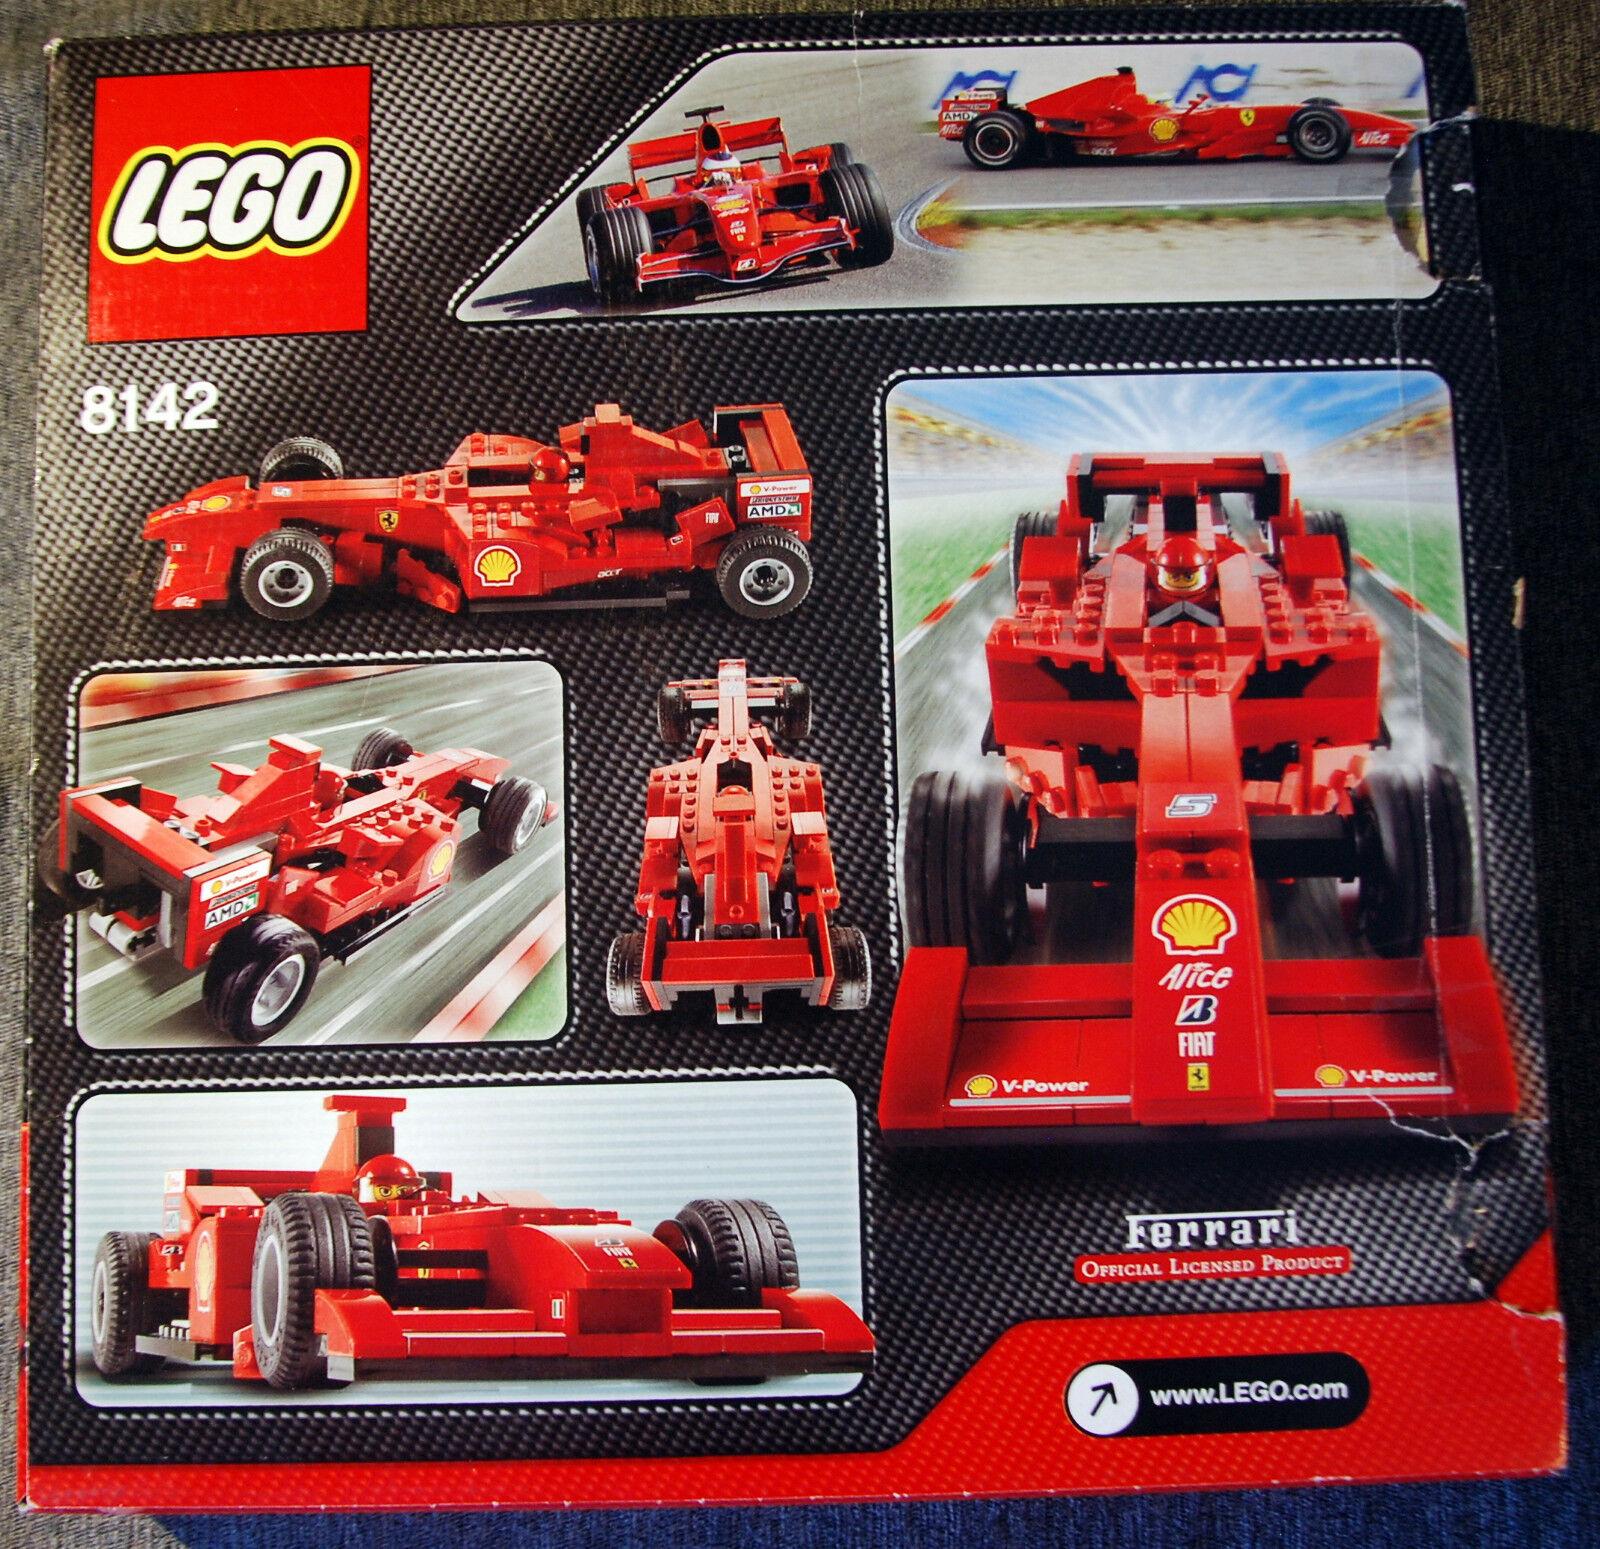 Lego Racers 8142 - Ferrari F1